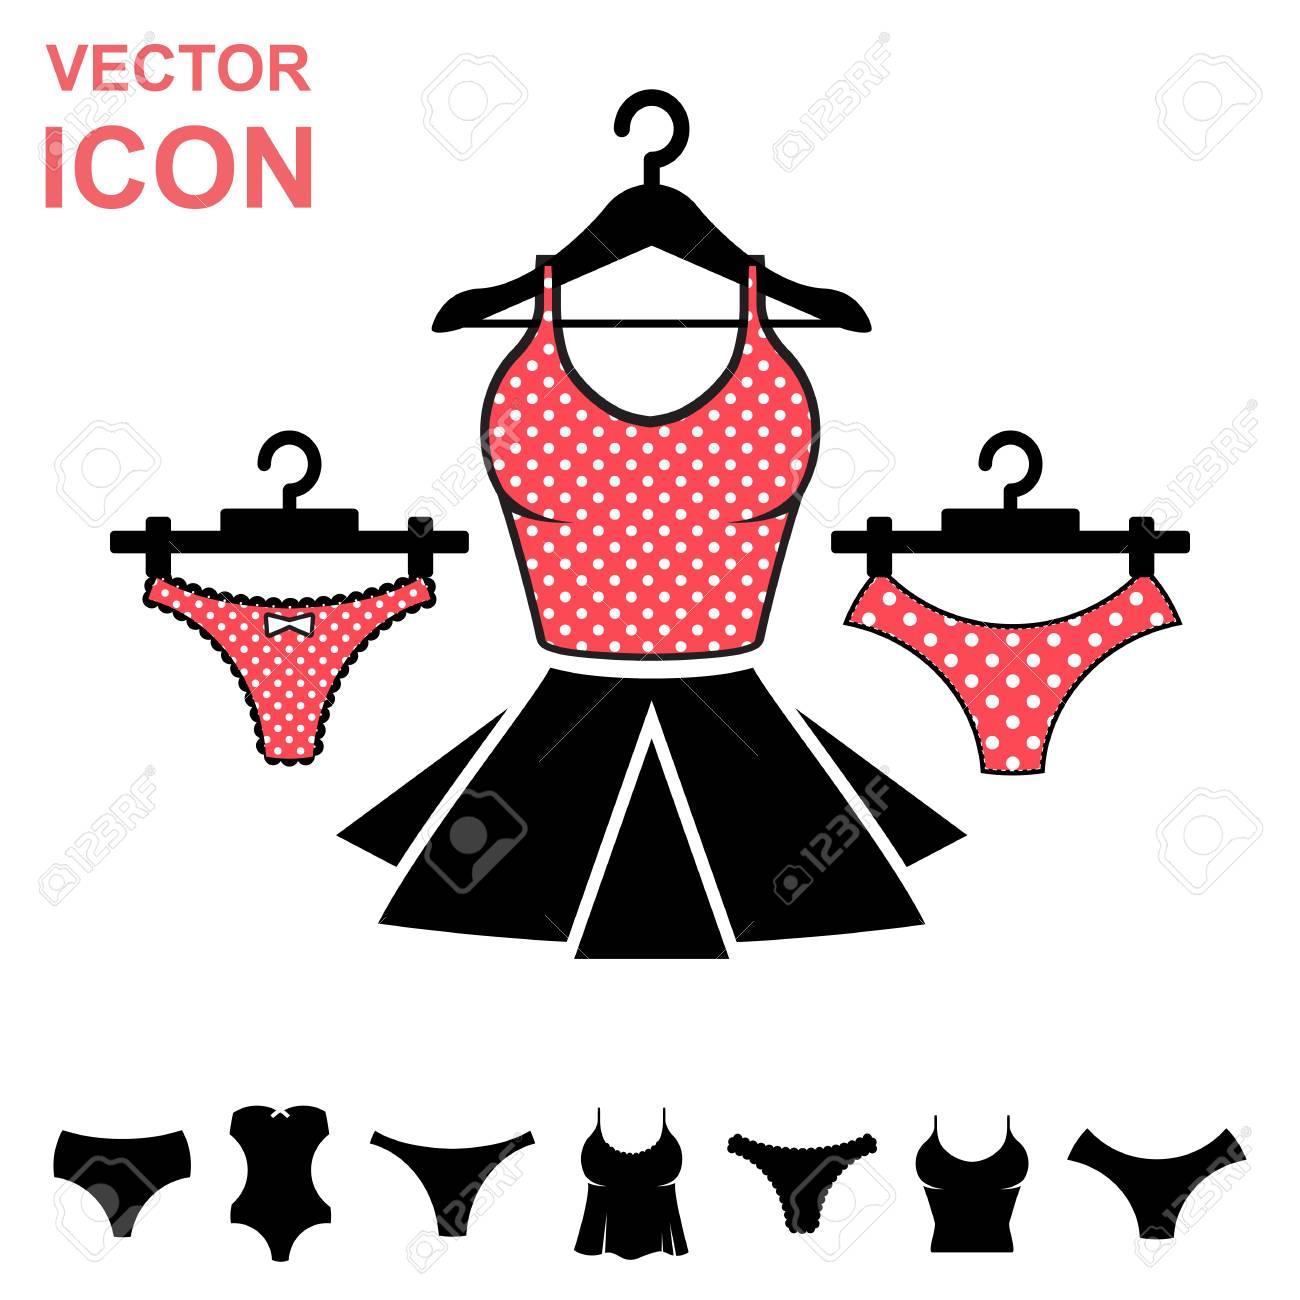 415c67d7551a Conjunto de lencería vector icono sobre fondo blanco. Colección moderna de  la ropa interior de la juventud